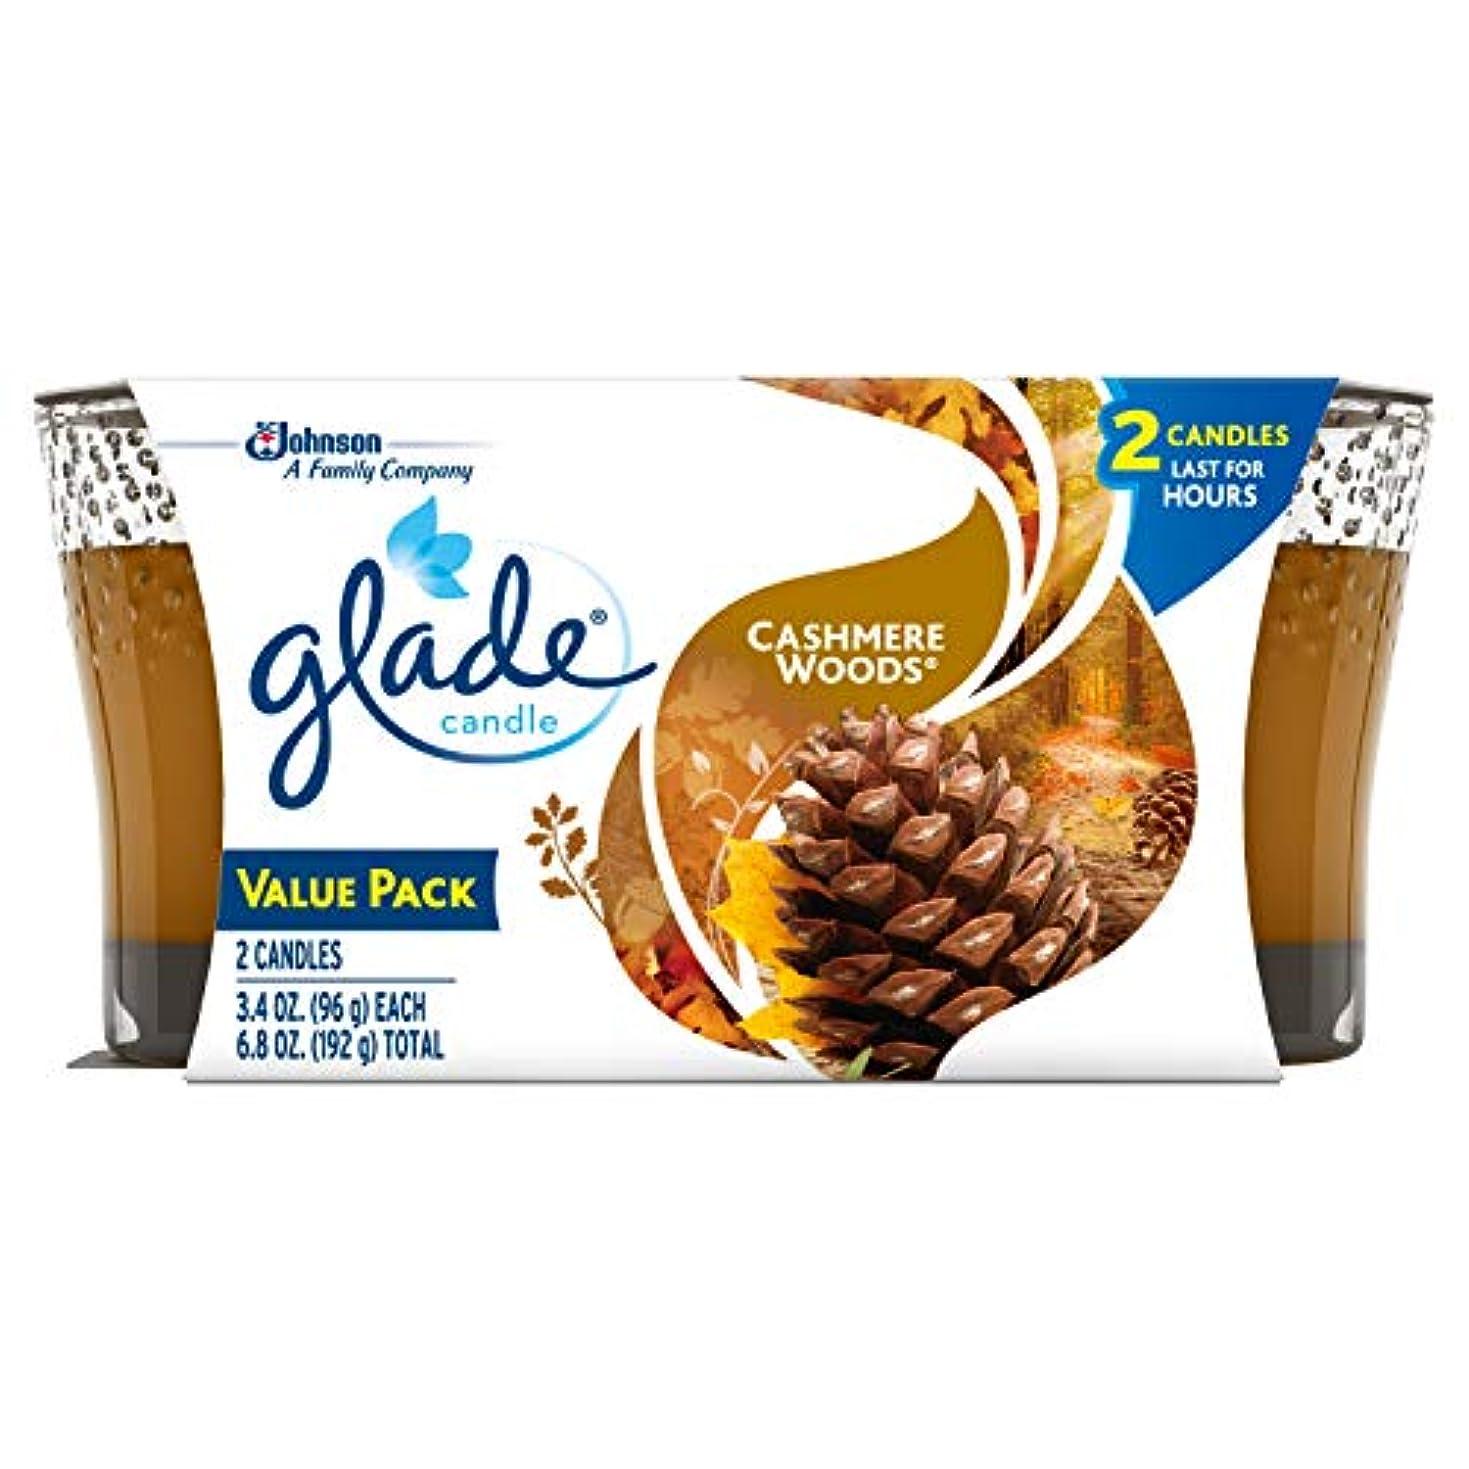 パネル艶船酔いGlade Jar Candle Air Freshener, Cashmere Woods, 2 count, 6.8 Ounce by Glade